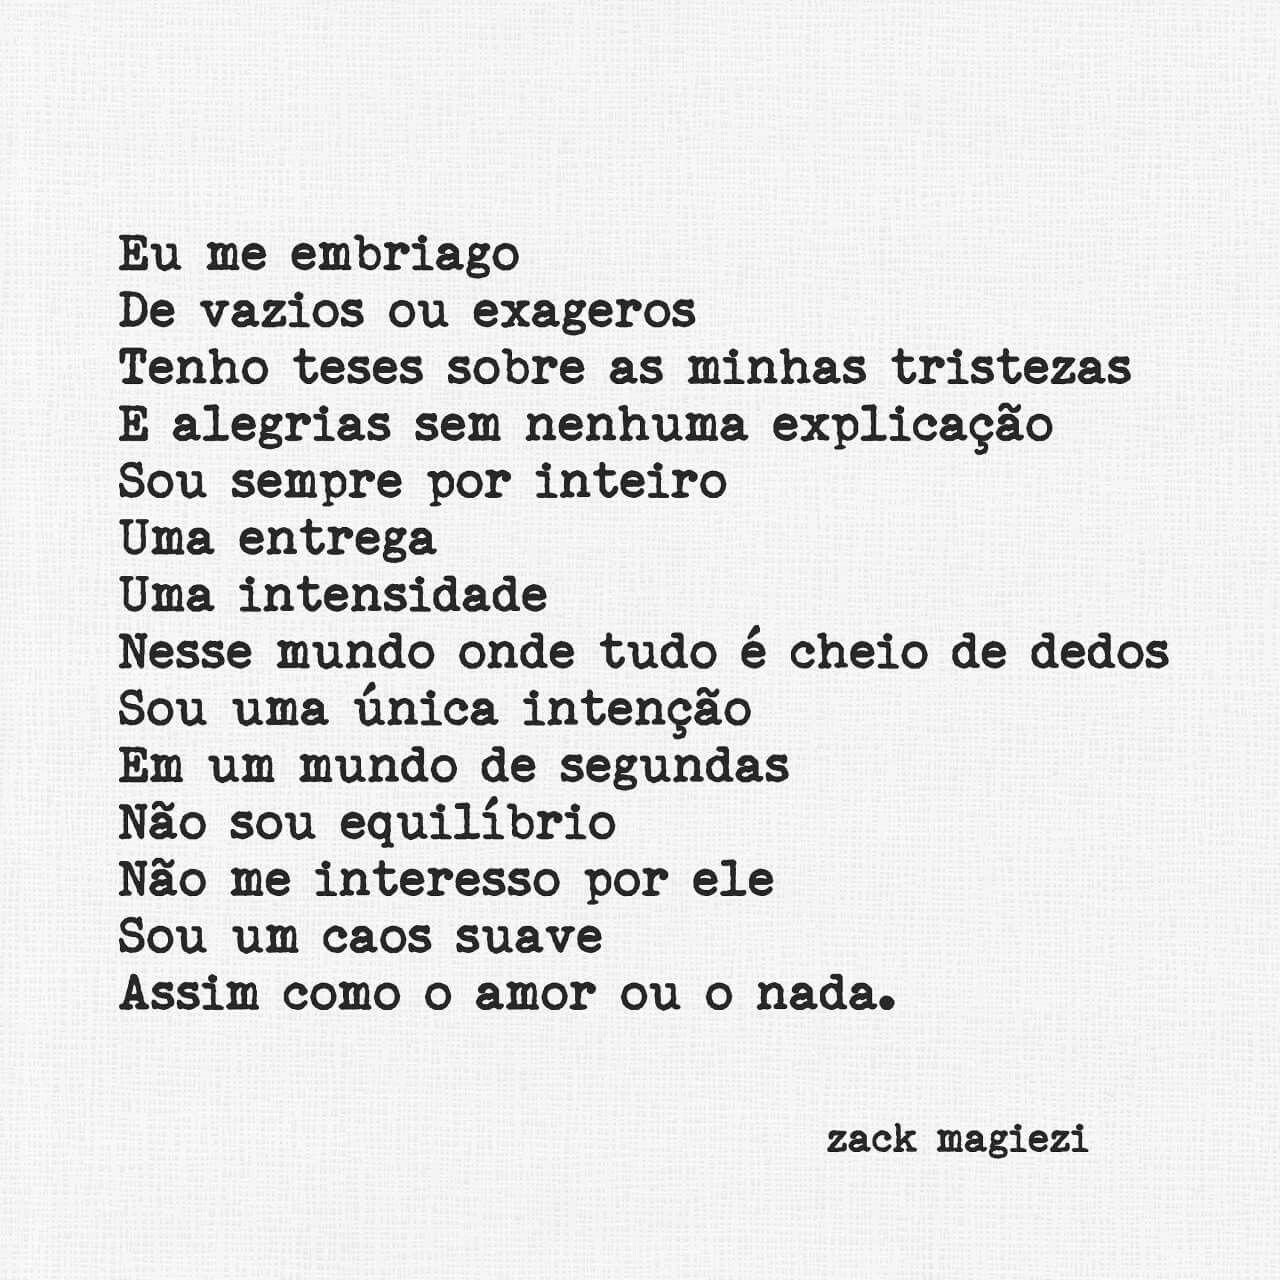 Frases Tumblr Tristezas Poemas De Autoestima Frase Bonitas Amigas Nota Verdades Pienso